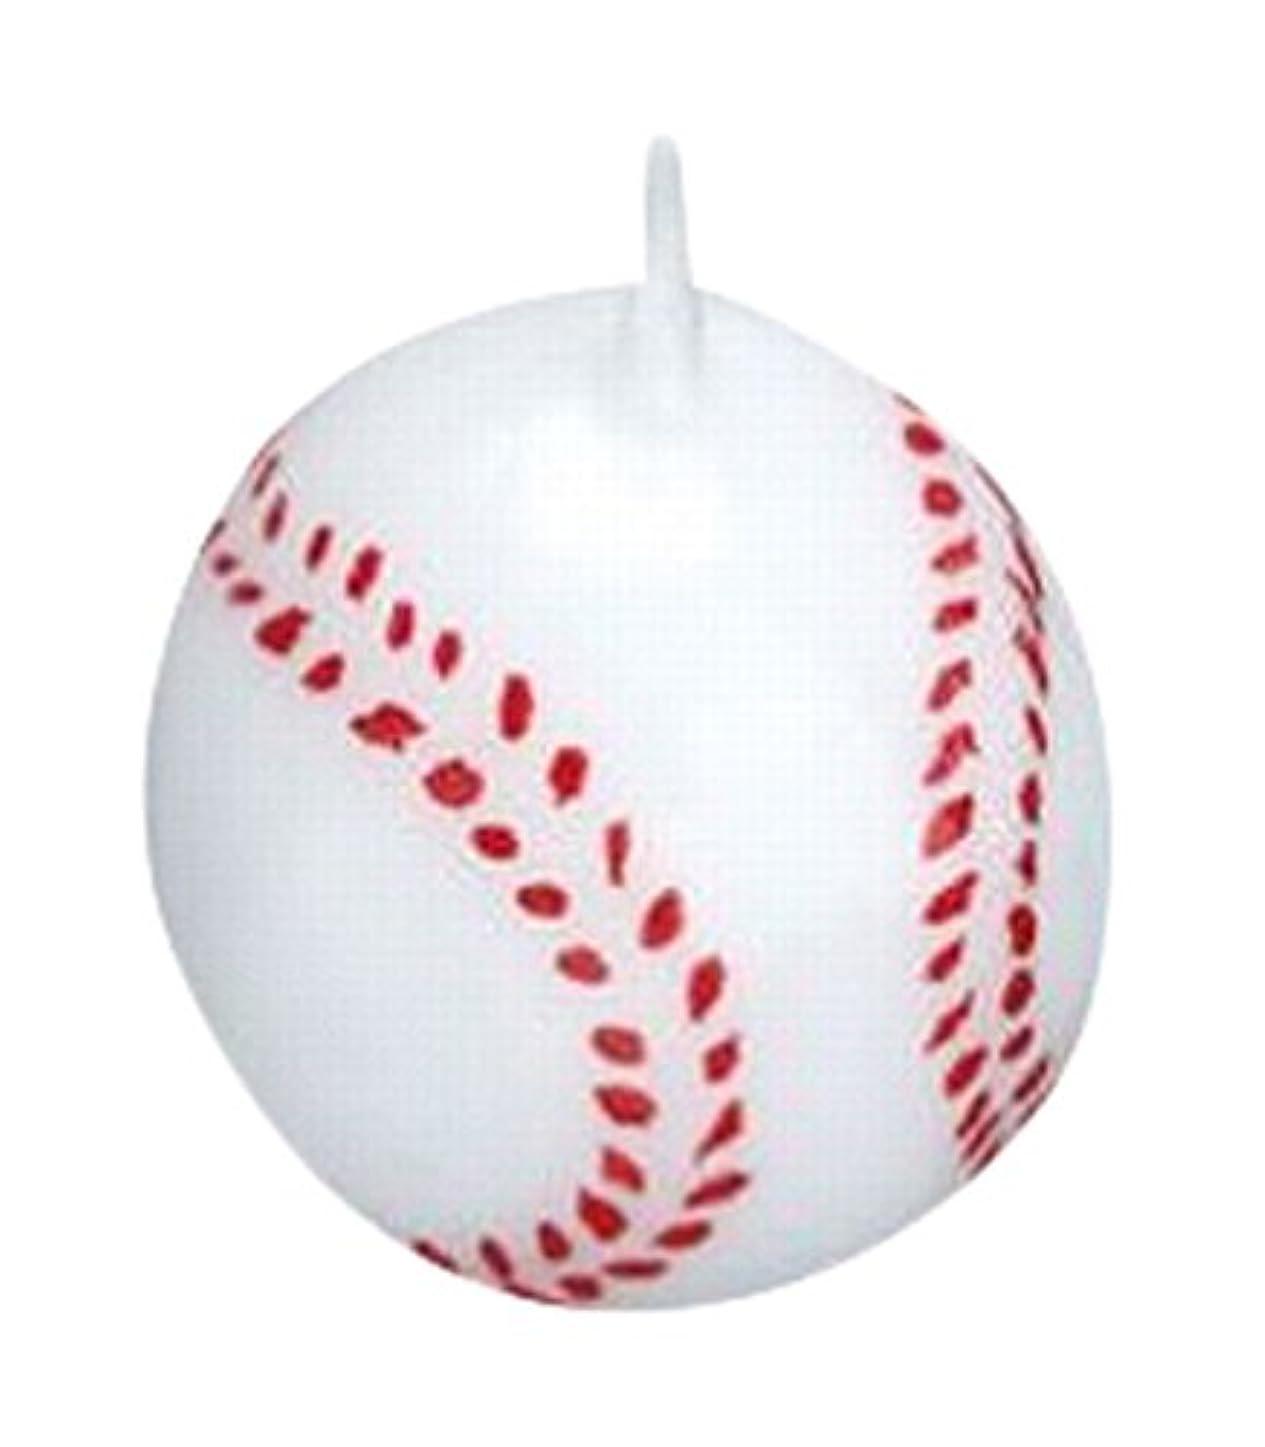 怒っている矛盾する夏ベースボール3個入り キャンドル 10個セット 55220040